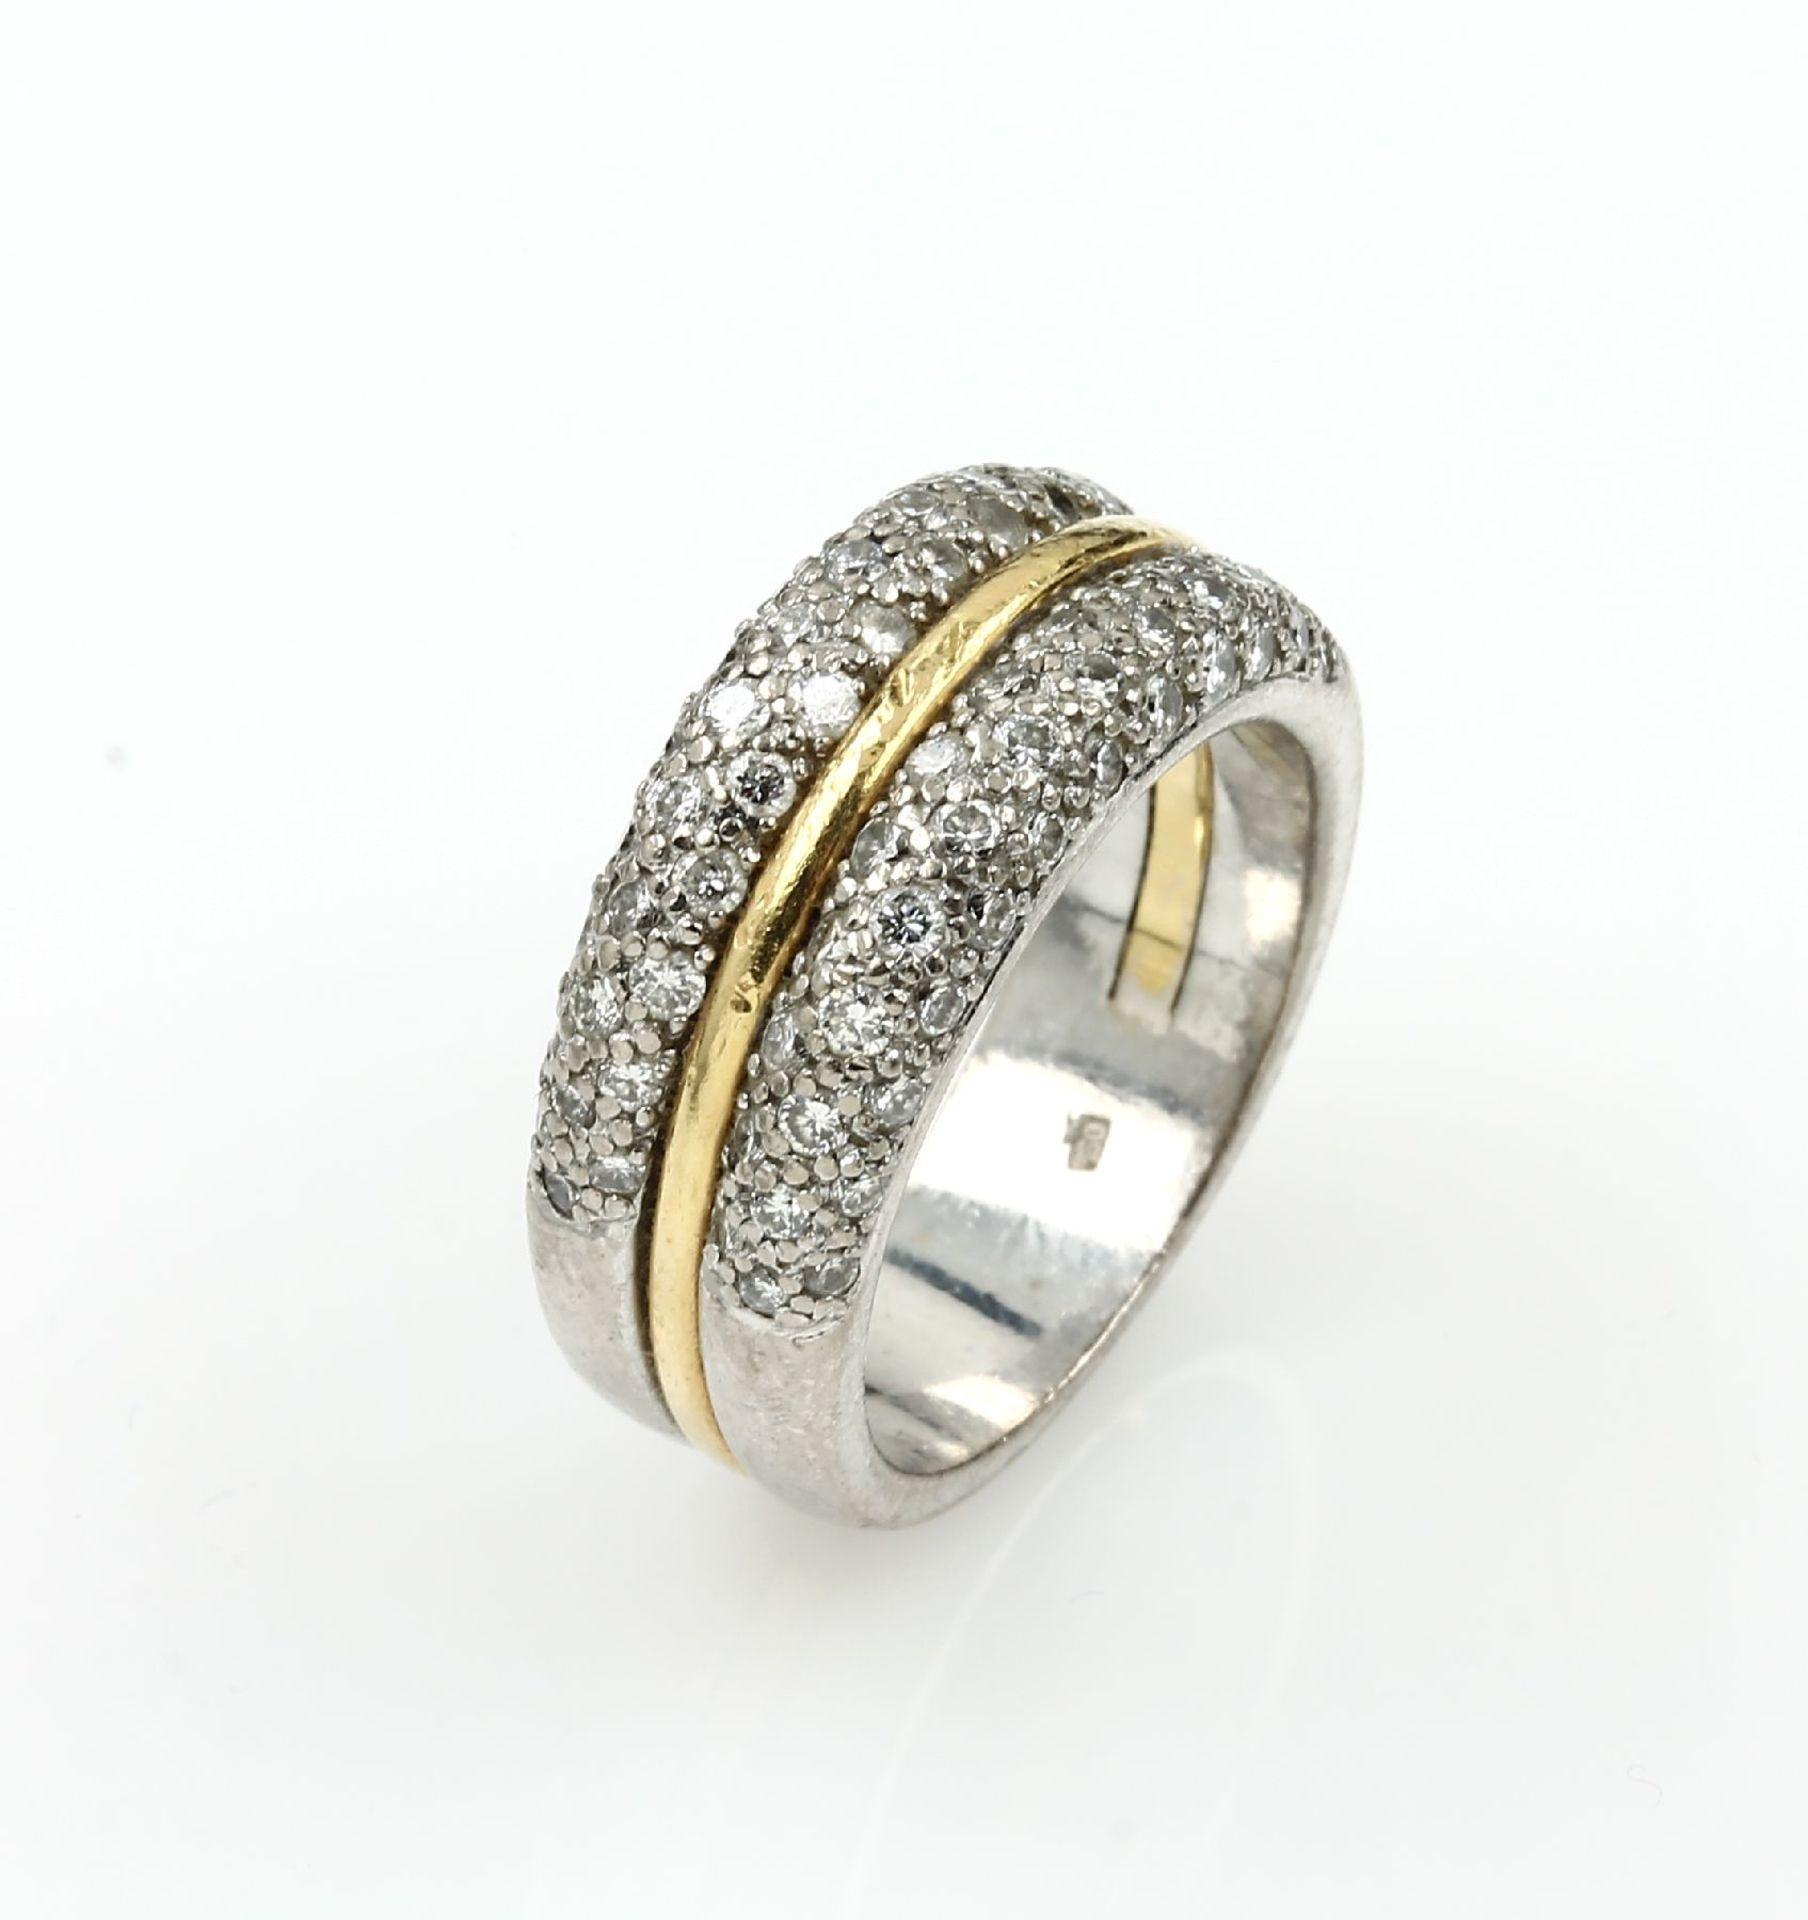 18 kt Gold Ring mit Brillanten, GG/WG 750/ 000, Brillanten zus. ca. 1.0 ct Weiß- l.get.Weiß/si, RW